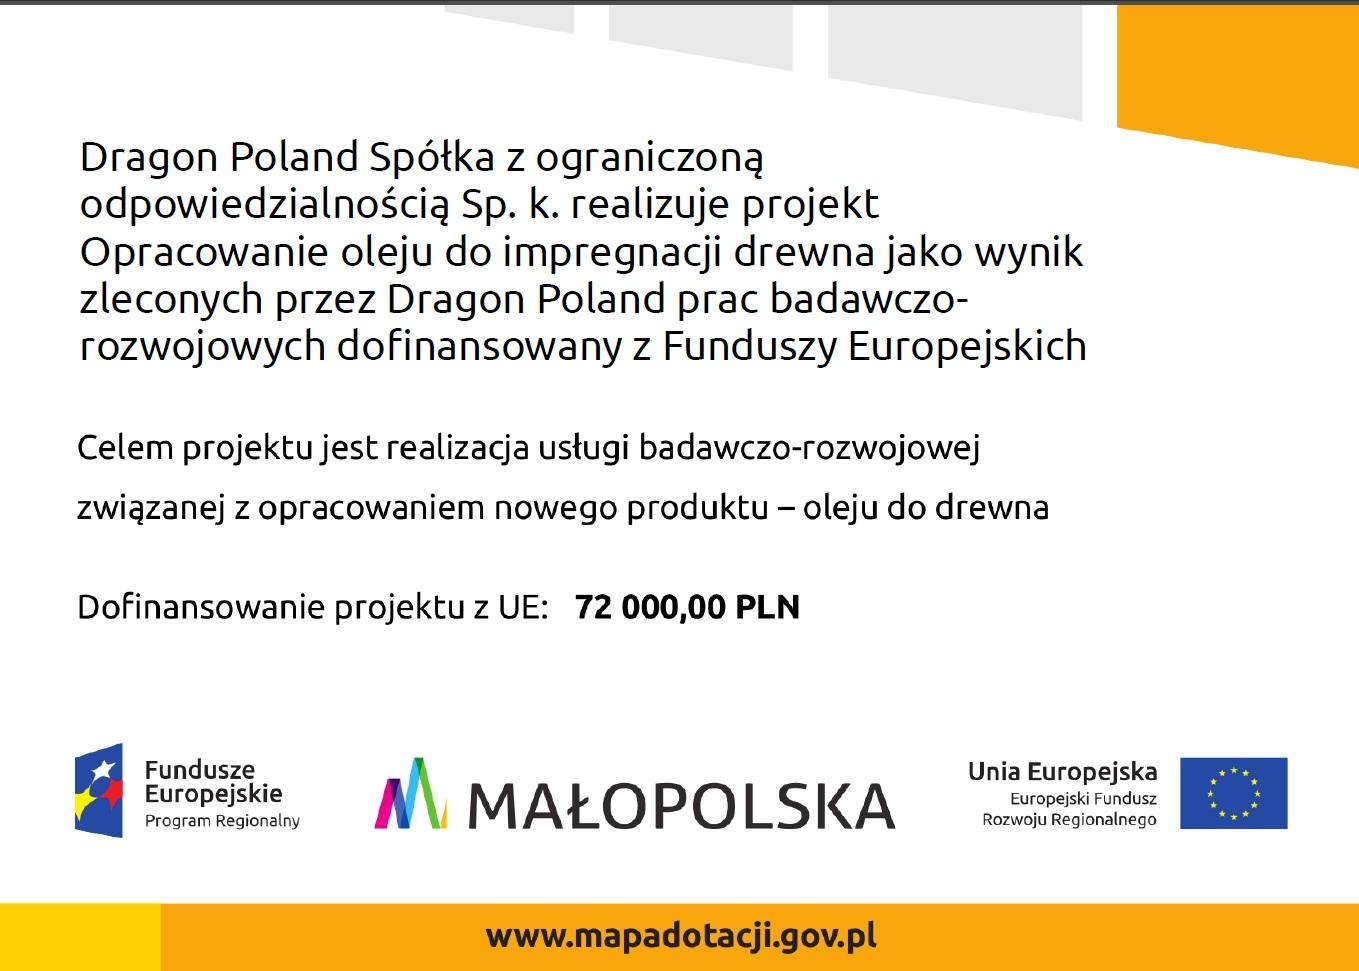 Realizacja projektu: Opracowanie oleju do impregnacji drewna jako wynik zleconych przez Dragon Poland prac badawczo-rozwojowych.